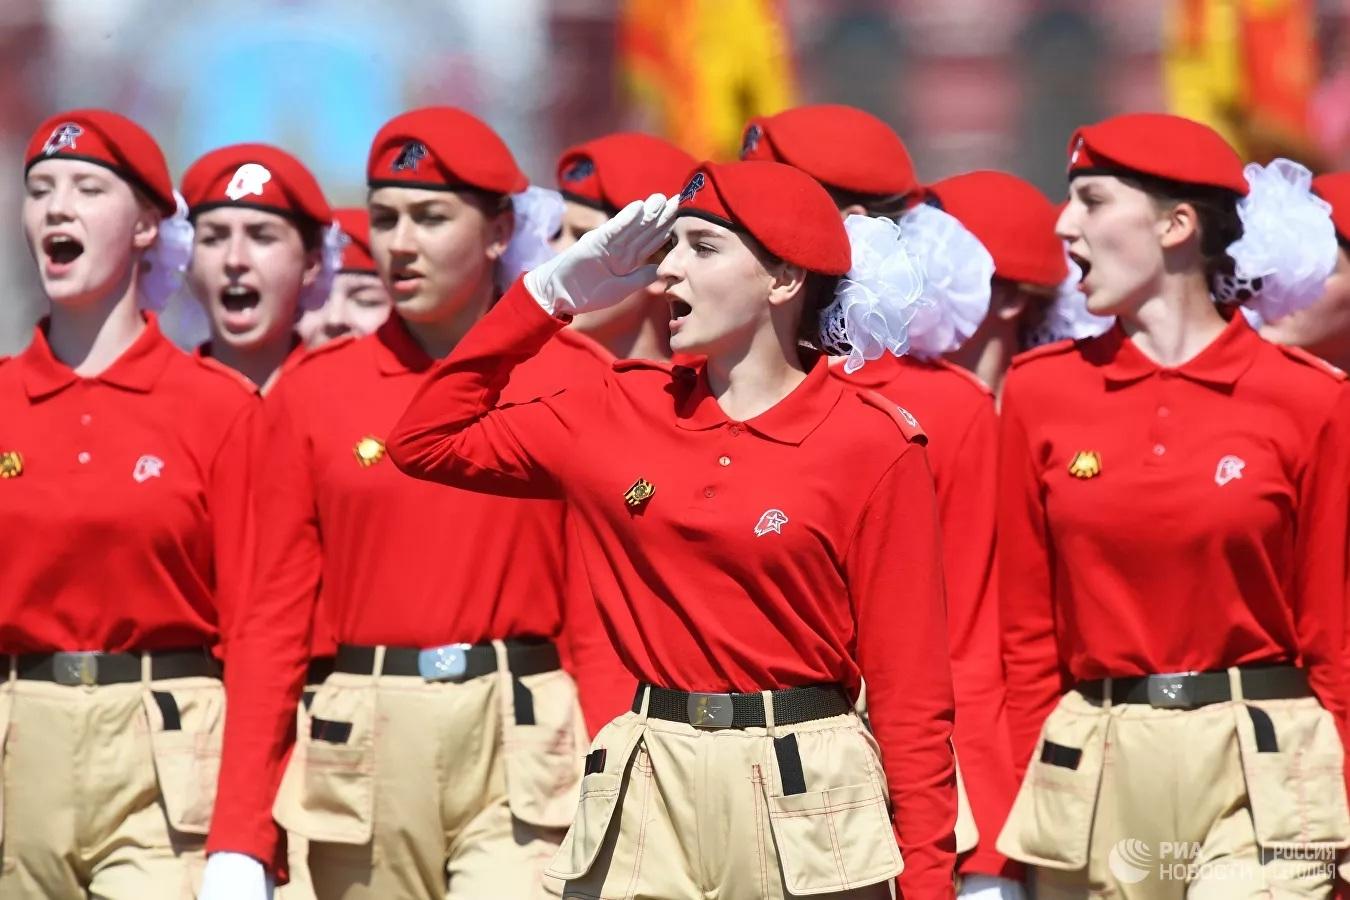 Những hình ảnh đặc sắc nhất về Lễ duyệt binh kỷ niệm 75 năm Ngày Chiến thắng